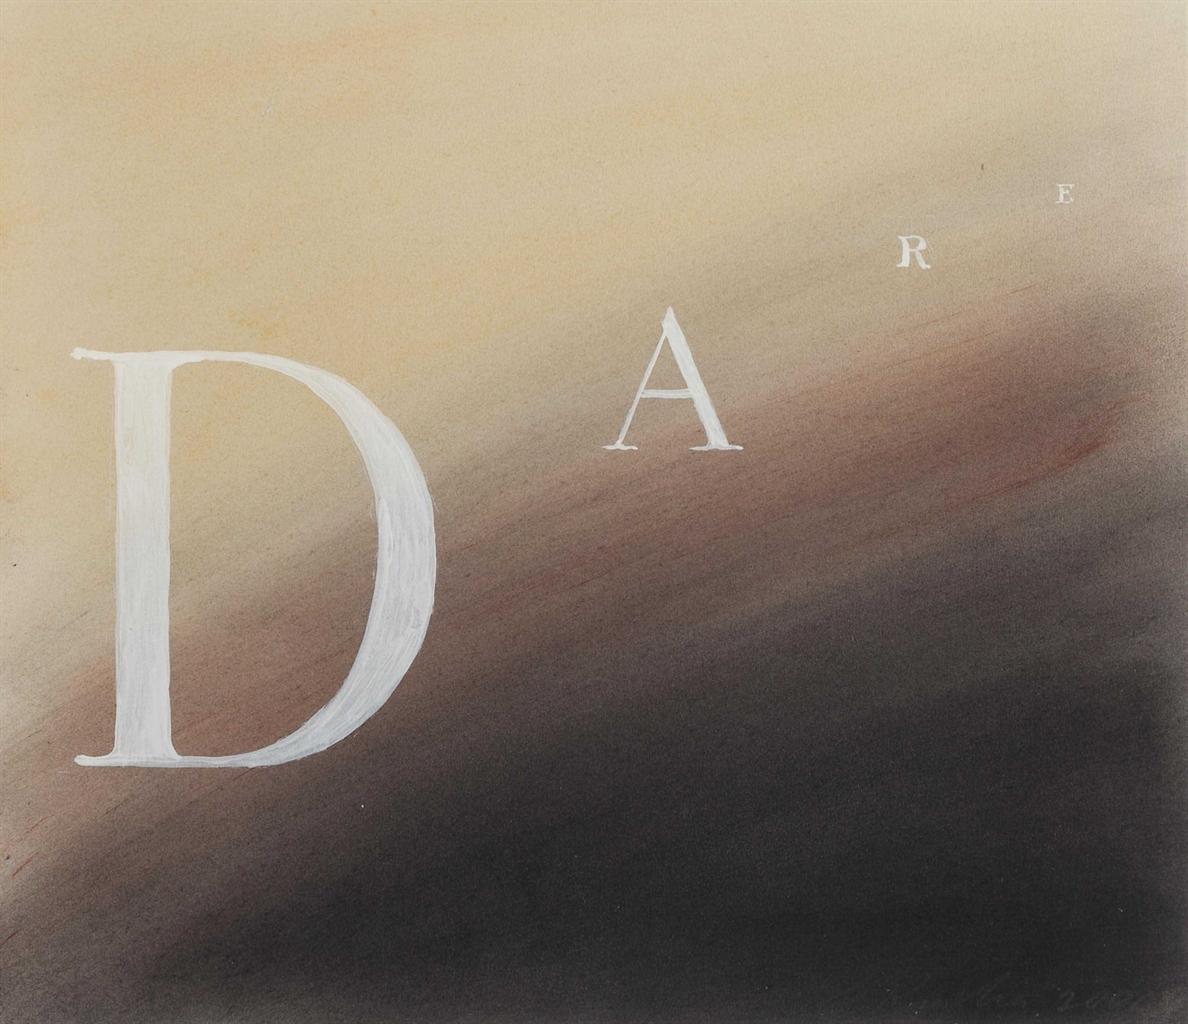 Ed Ruscha-Dare-2001